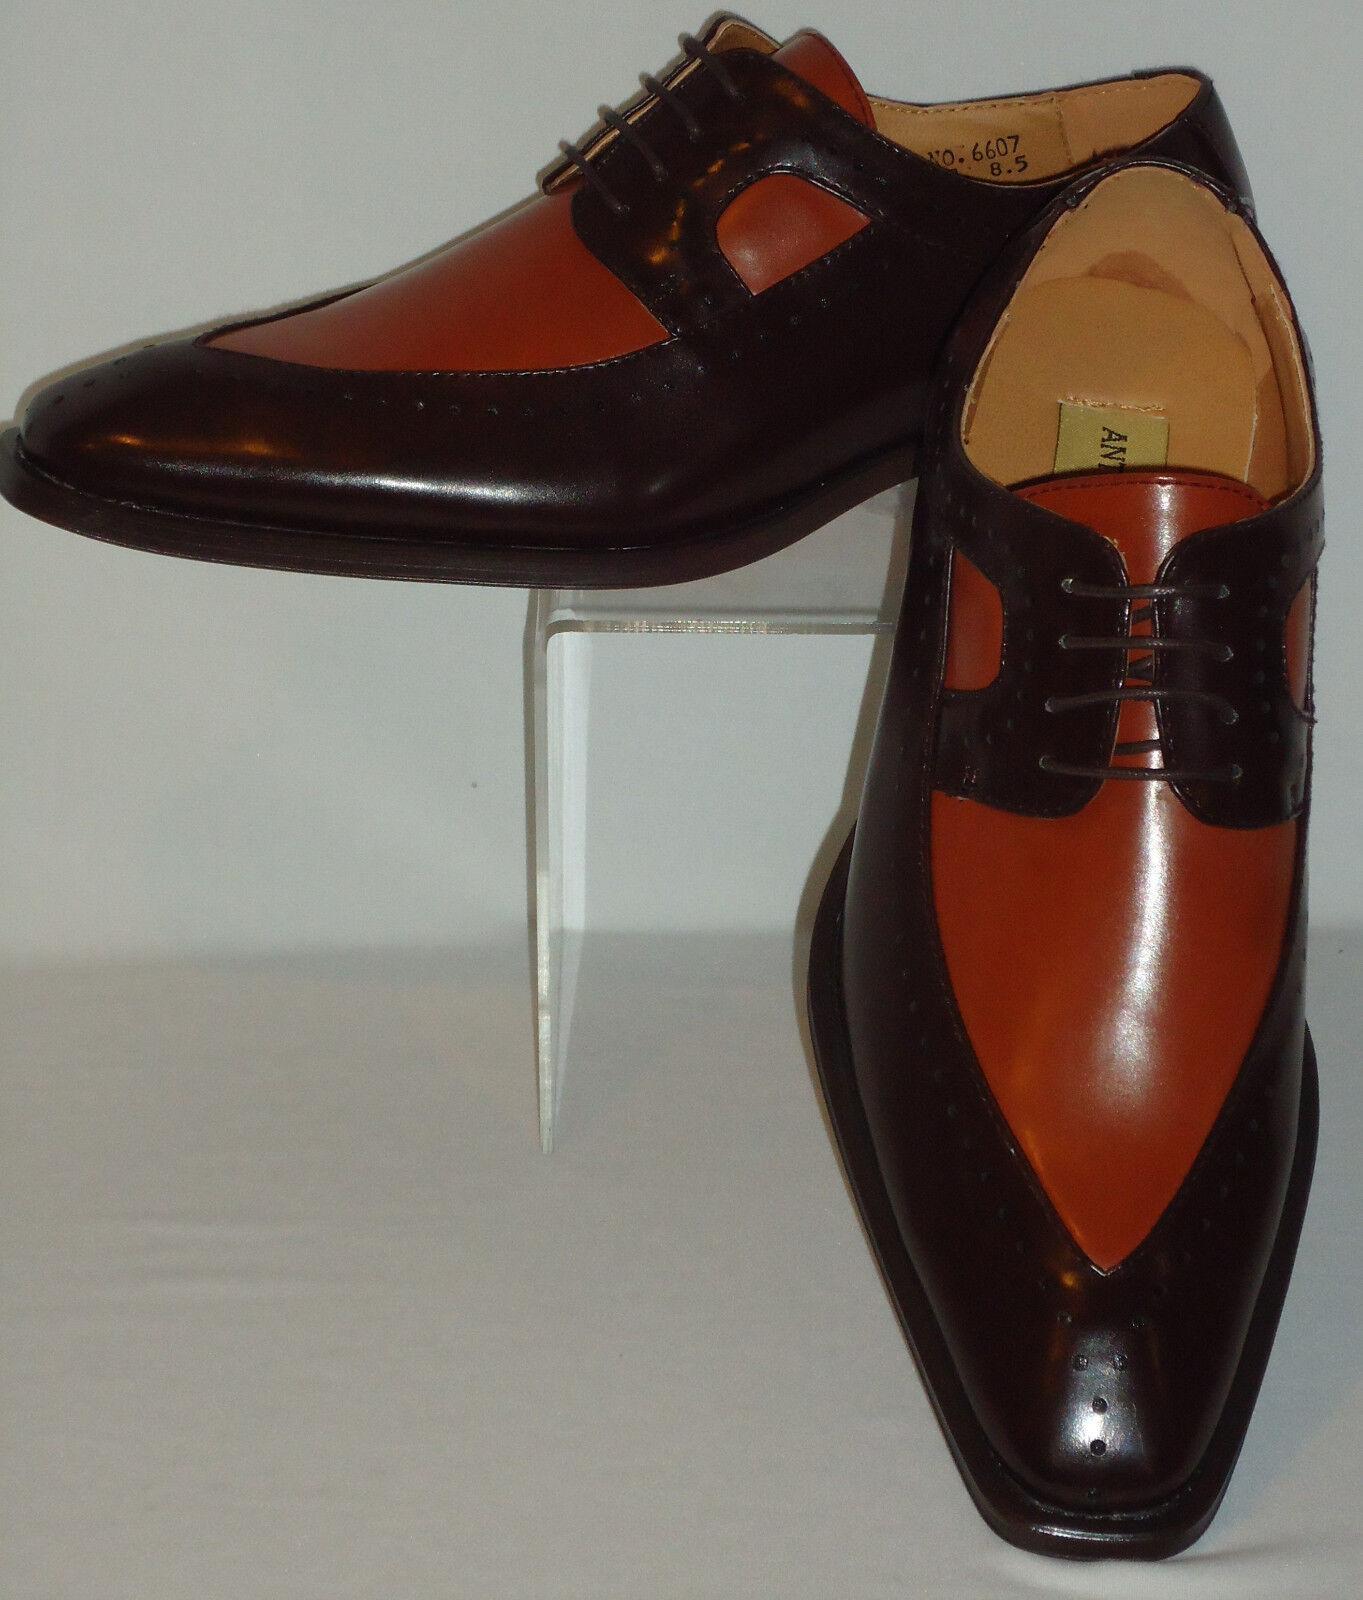 vendita online risparmia il 70% Mens Cognac, Marrone Wingtip scarpe Antonio Cerrelli 6607 6607 6607 Dimensione 8.5 9 9.5 10 10.5 11  shopping online di moda